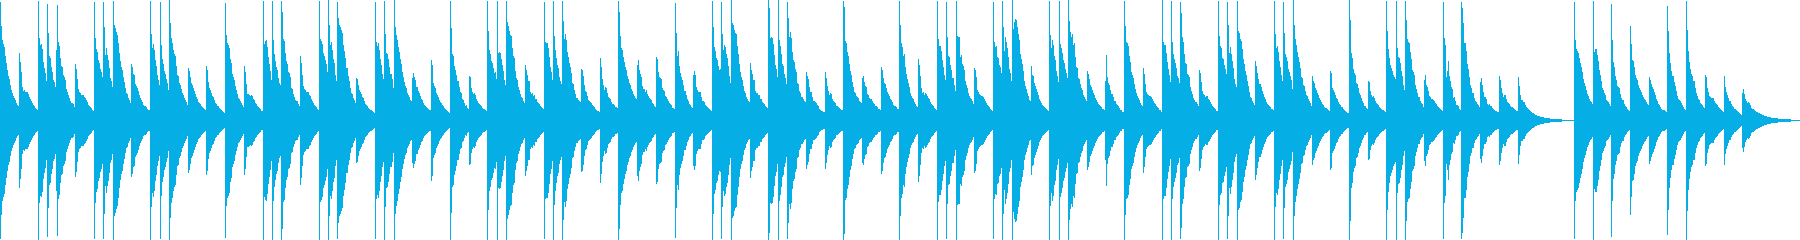 優しい静かなオルゴールの子守唄の再生済みの波形